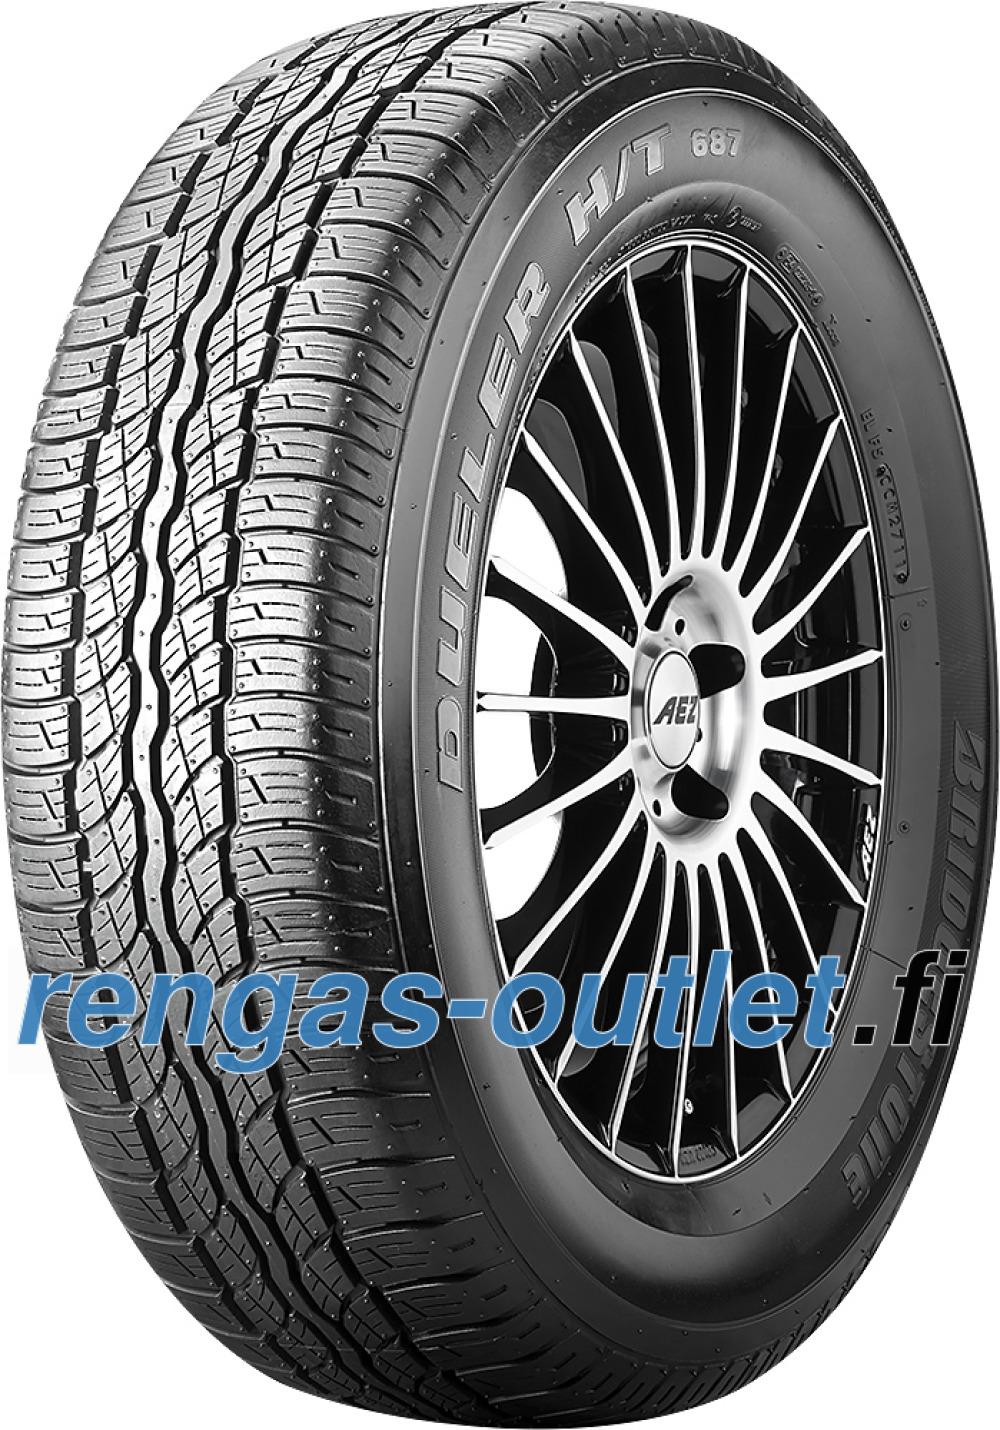 Bridgestone Dueler 687 H/T ( 235/55 R18 100H )